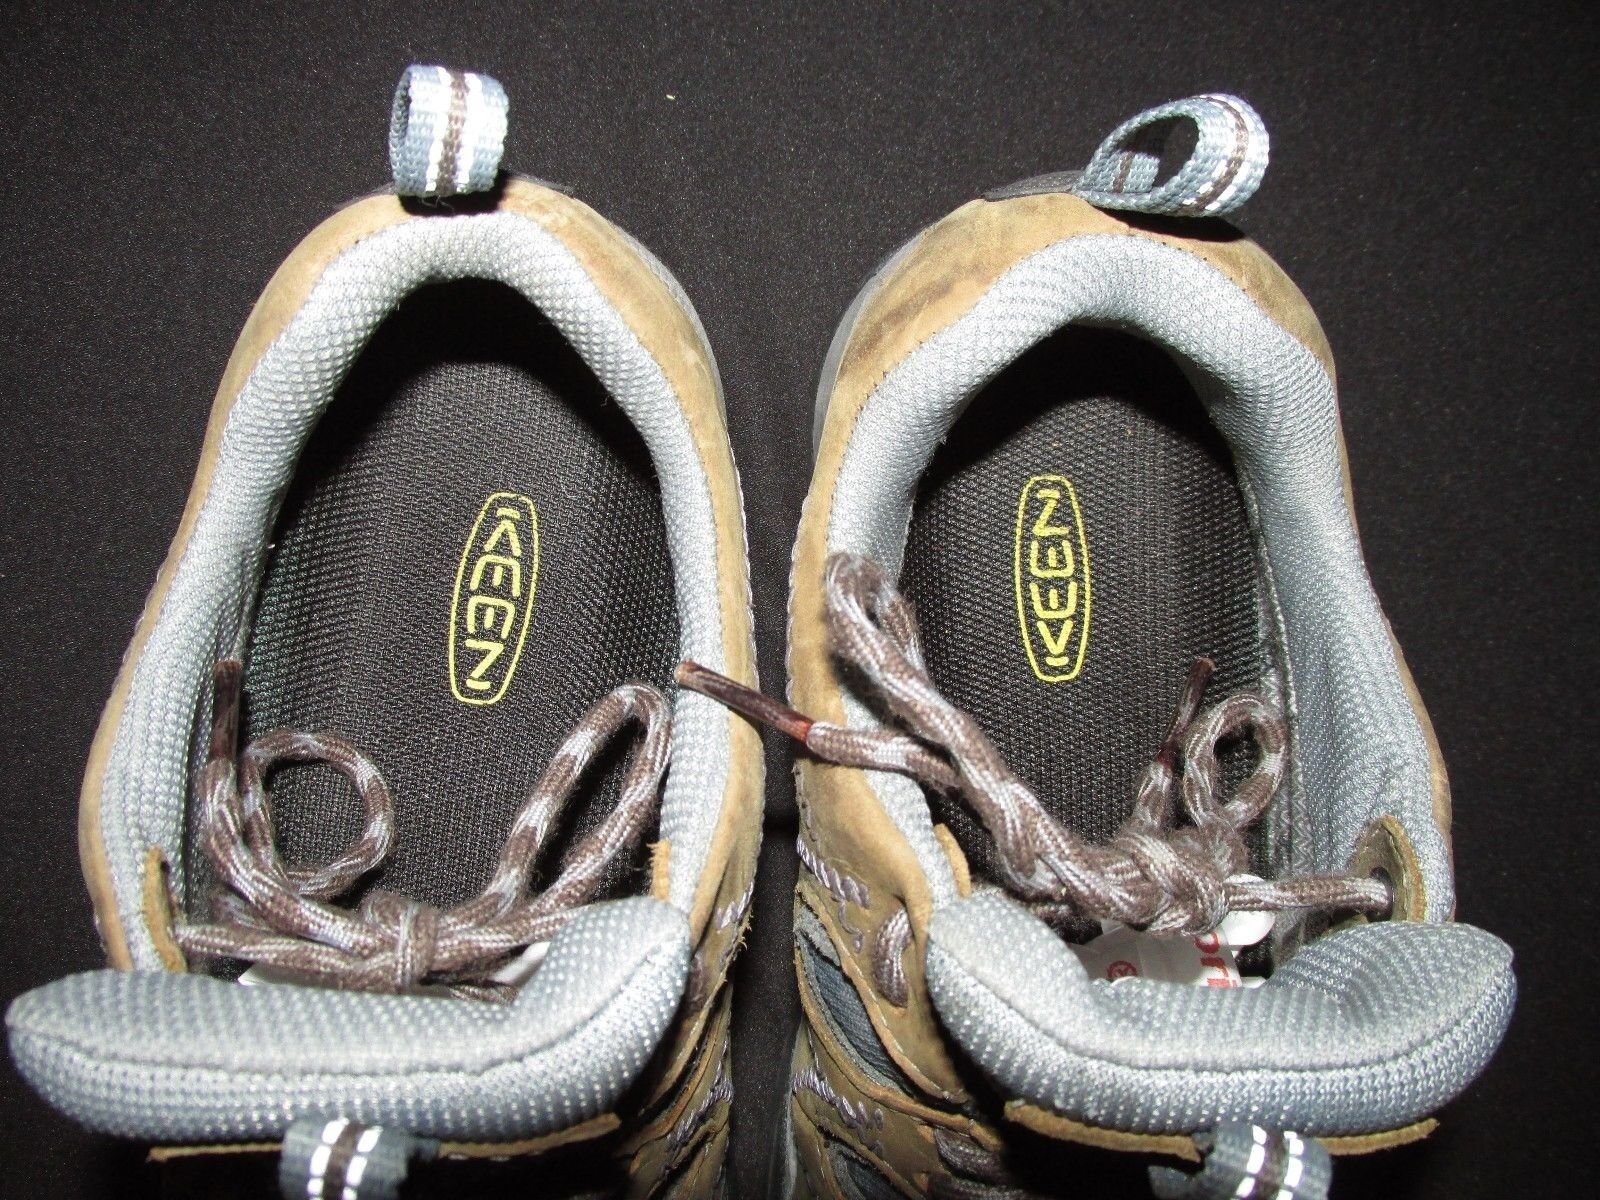 Keen Marrón nobuck para senderismo y Zapatos Tenis Tenis Zapatos deportivas para mujer 6.5M 6847b7